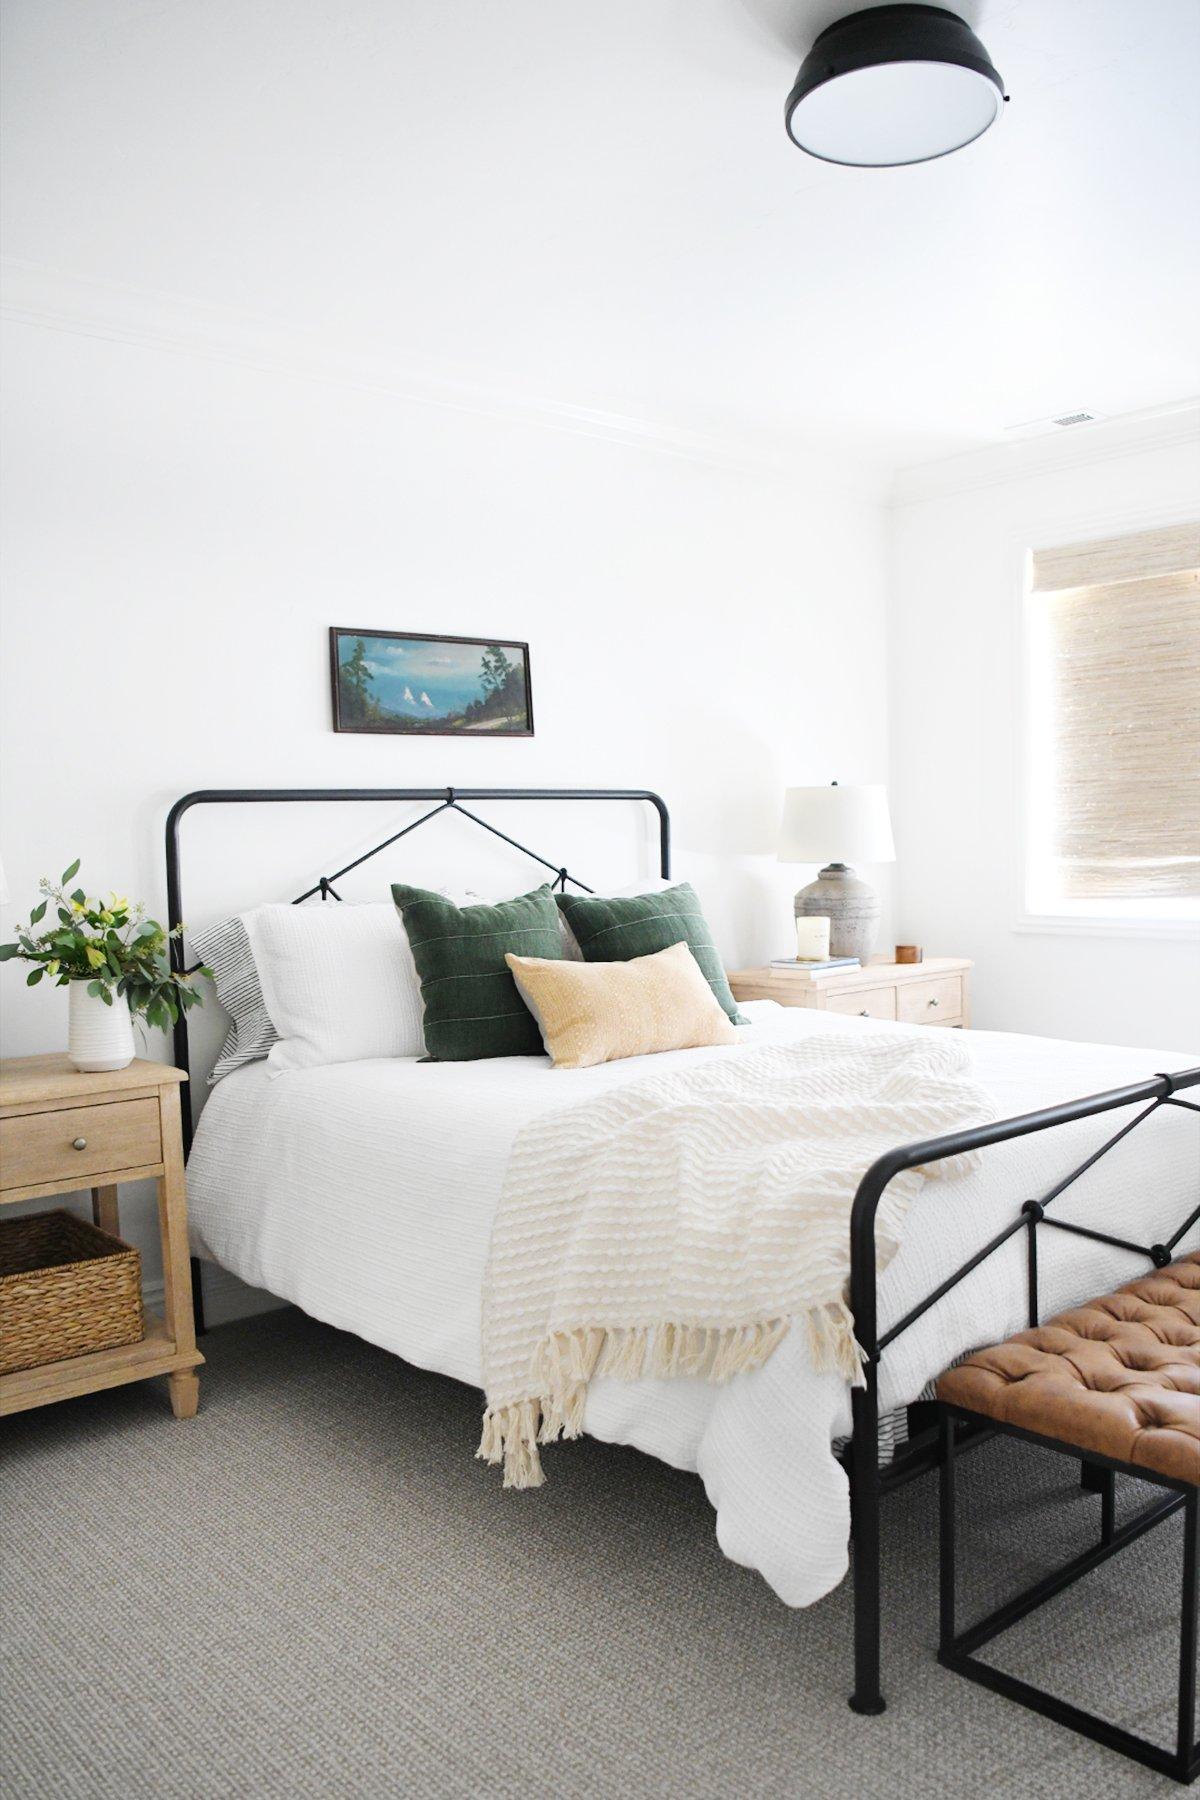 Midway bedroom 2